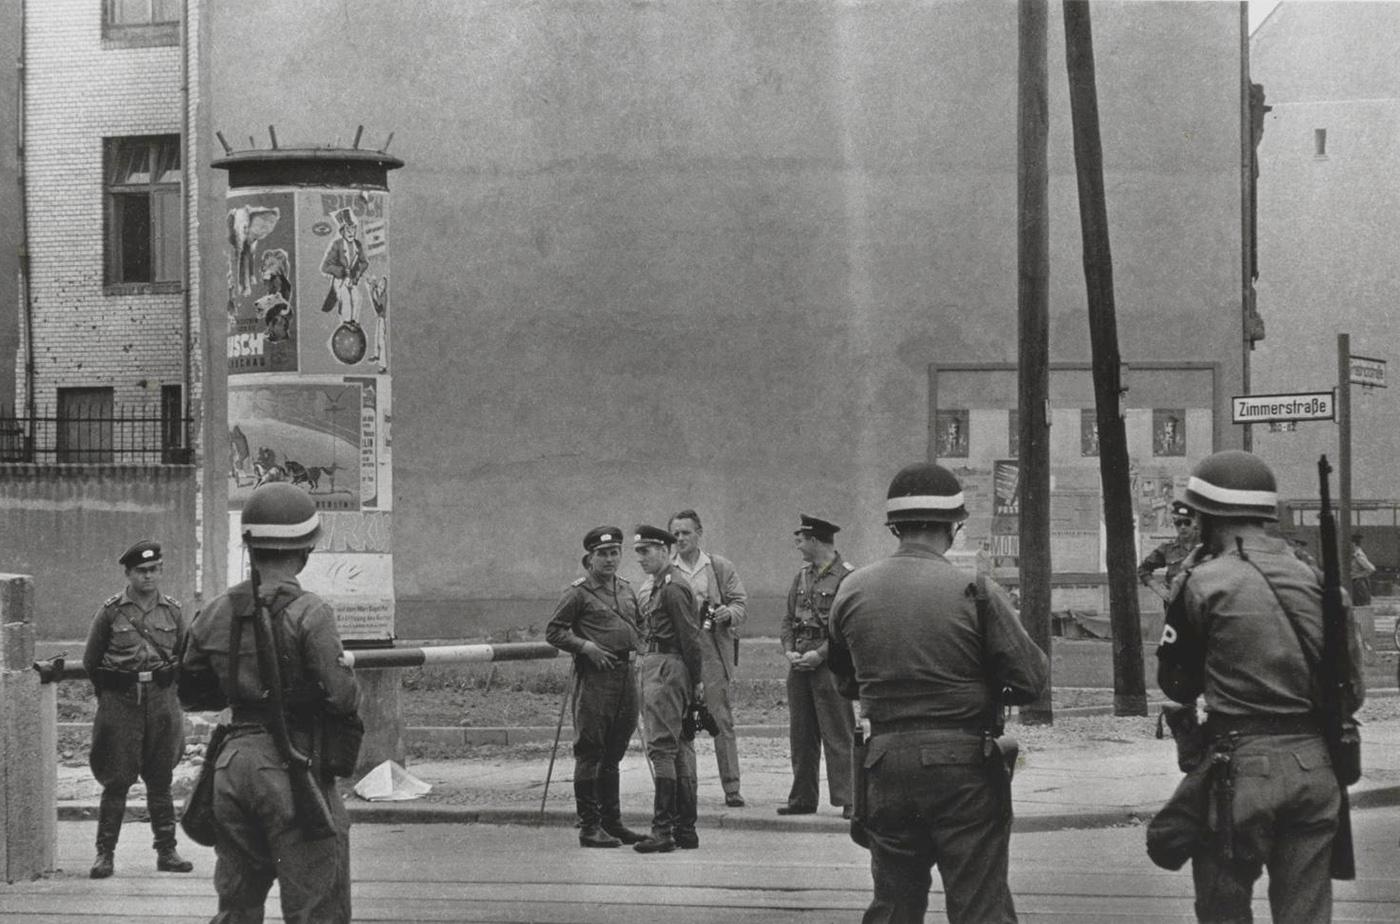 Amerikai katonai rendészek néznek farkasszemet kelet-német határőrökkel, még a fal felhúzása előtt.